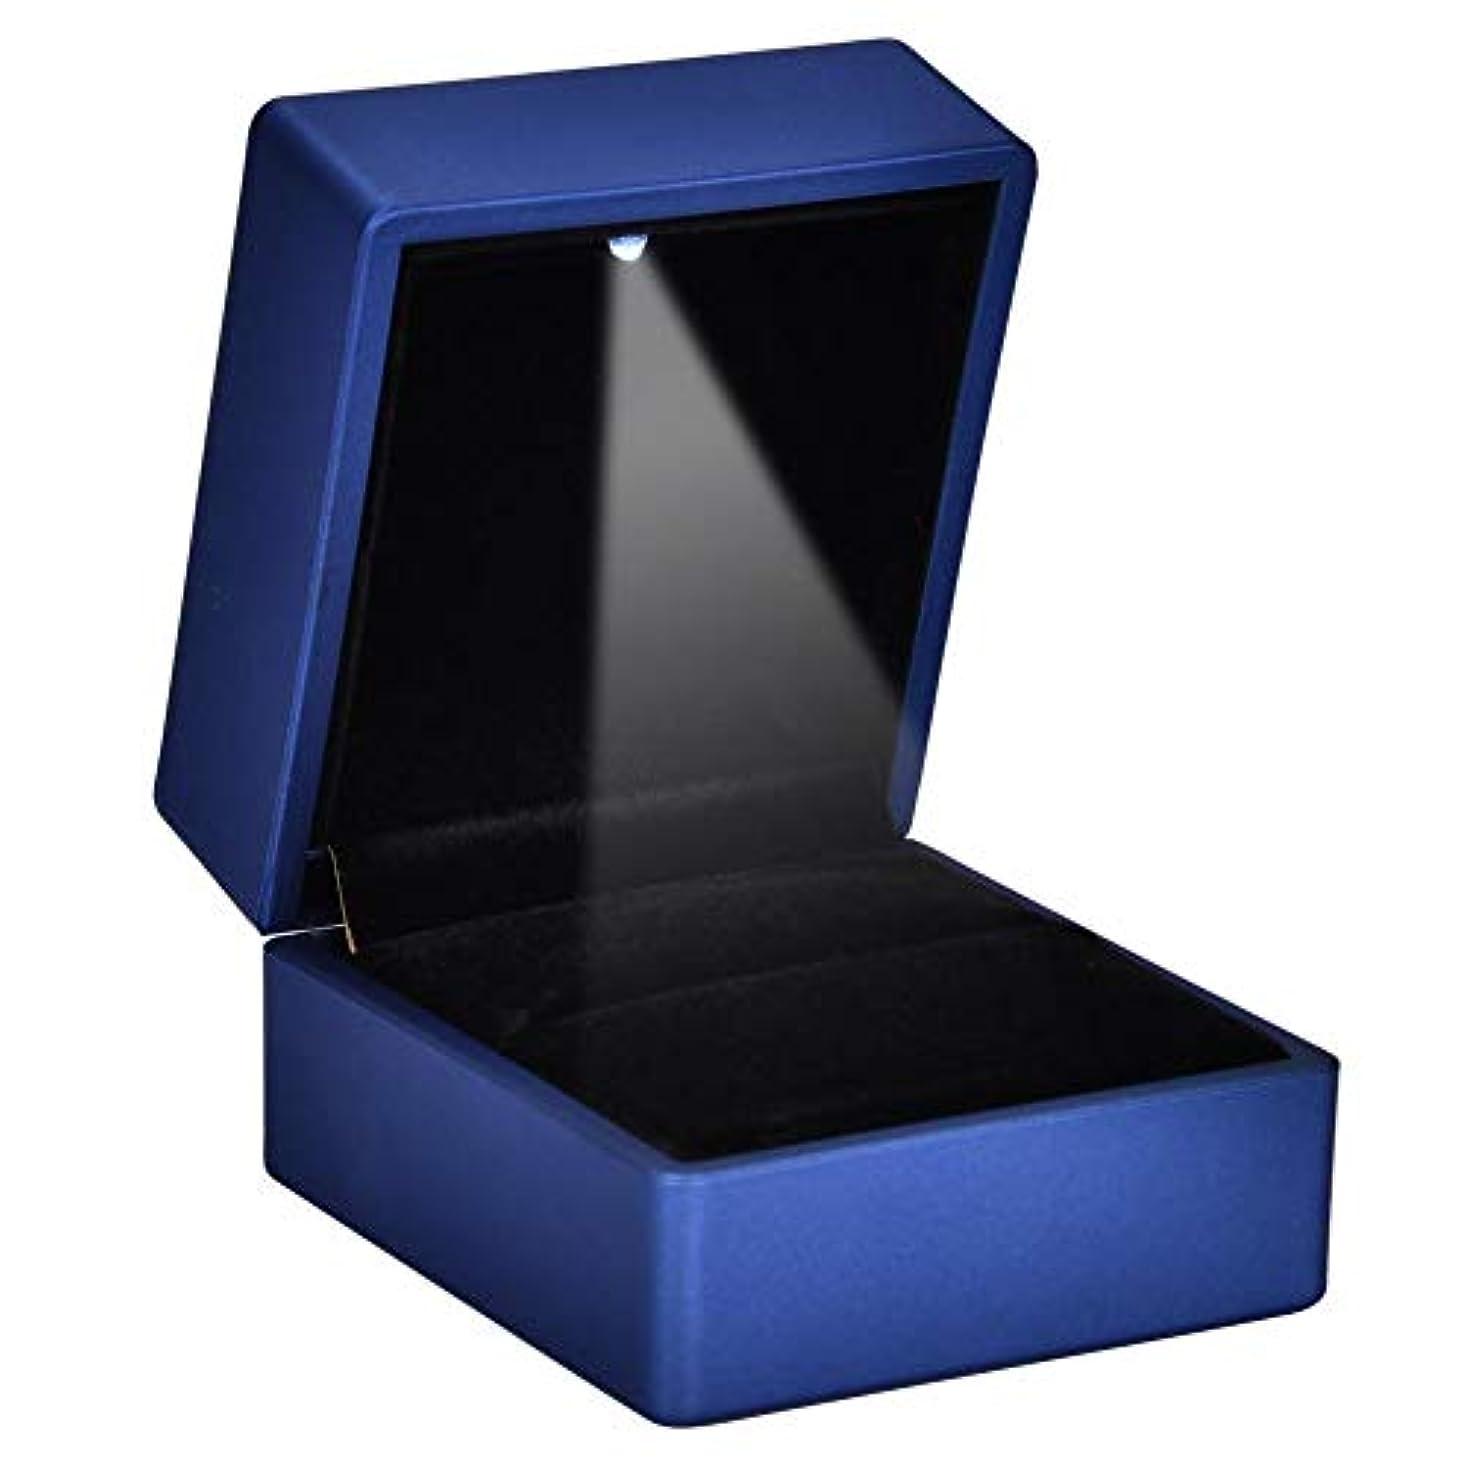 消えるびっくり暴露する2種類ファッショナブルなLEDリングボックス - 内部LED照明付きリングケース、ジュエリーホルダーリング収納ケース、結婚式の提案(ブルー-90 * 70 * 35)